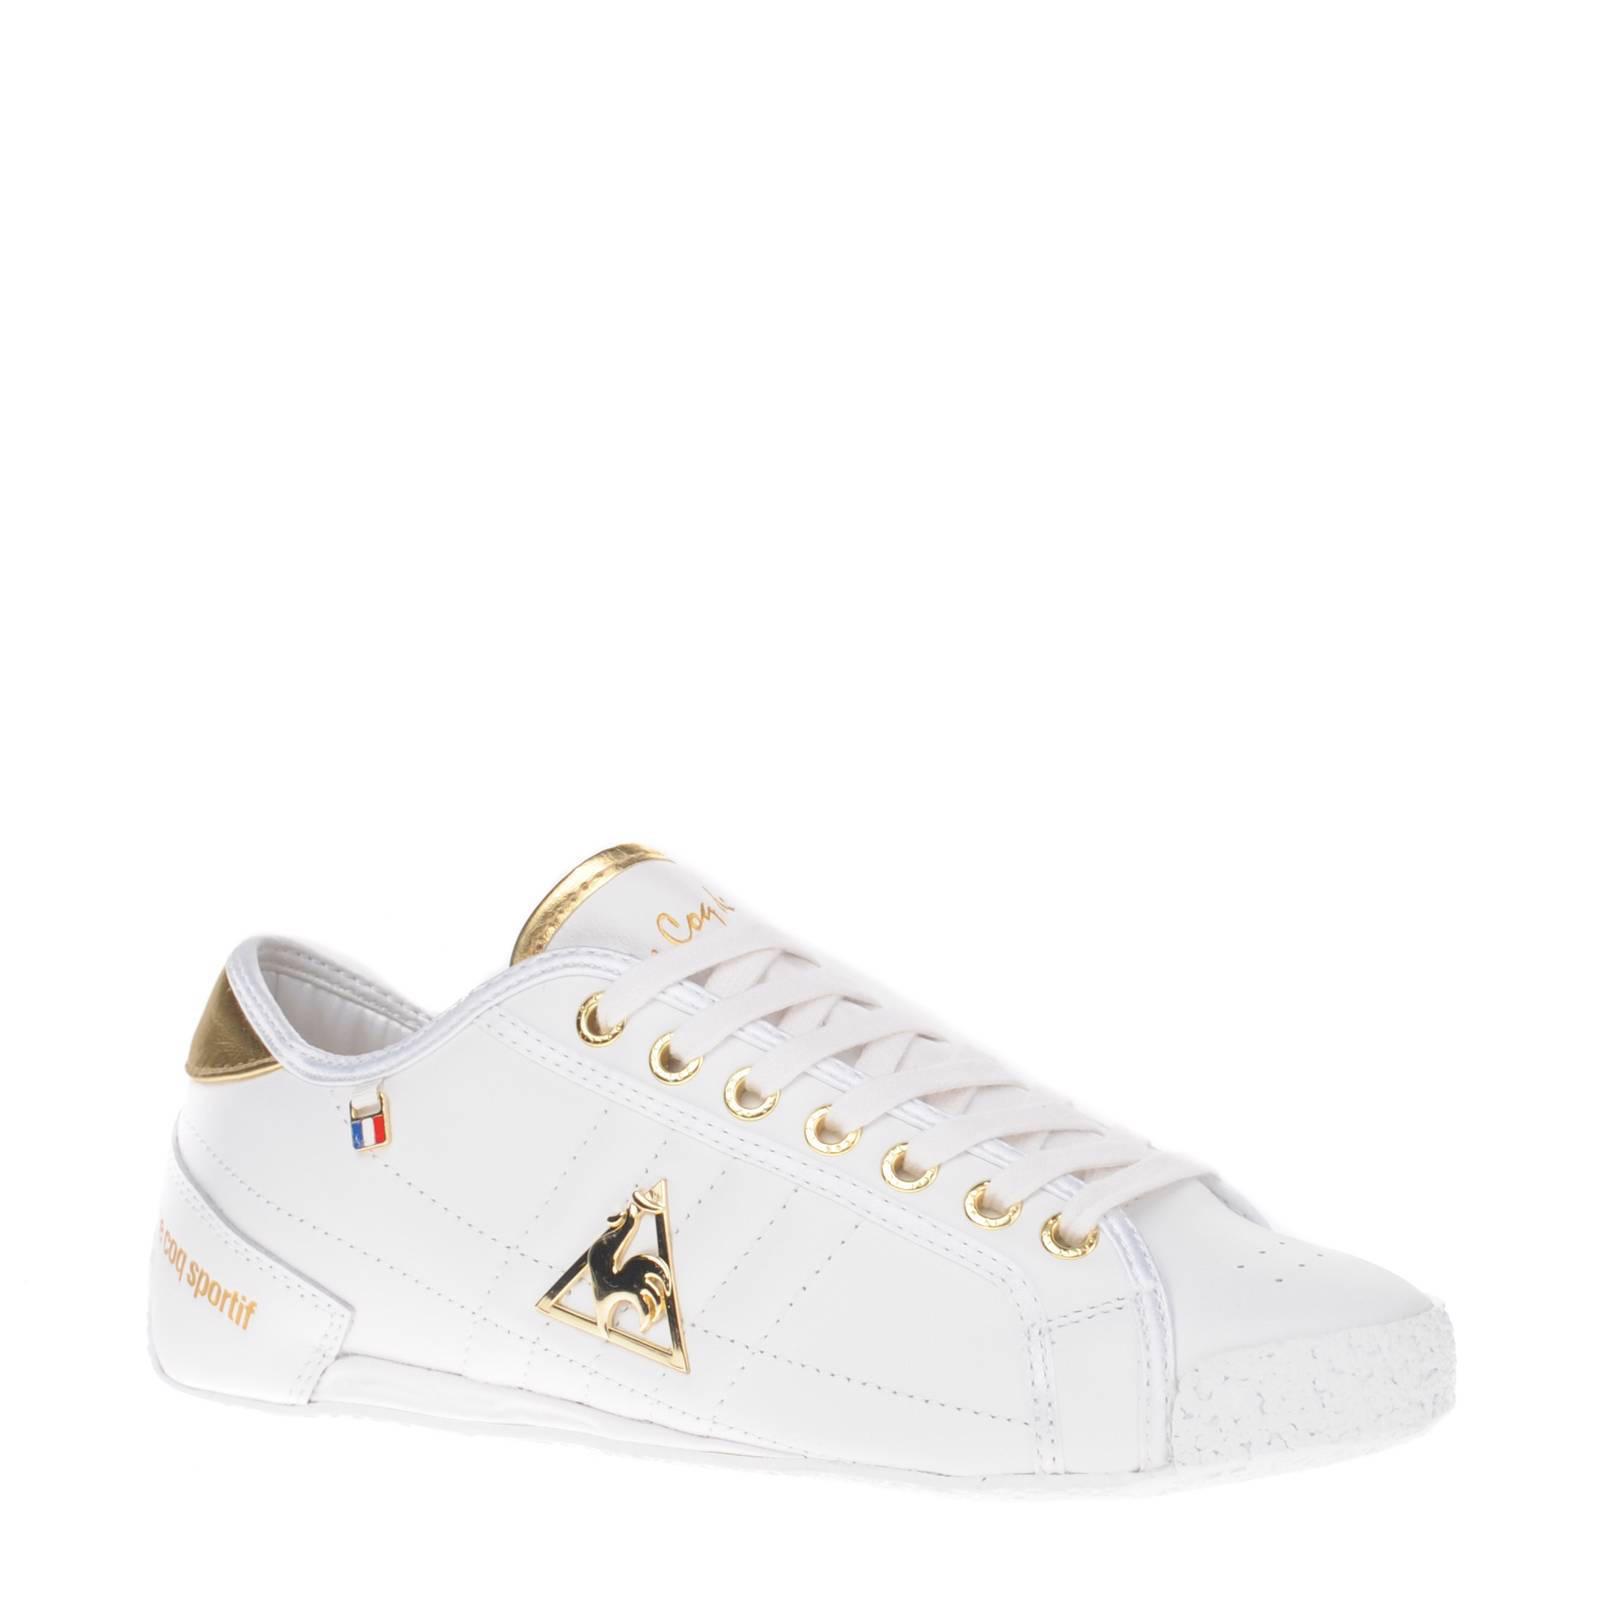 Bij vrijgave specifiek aanbod top mode leren sneakers